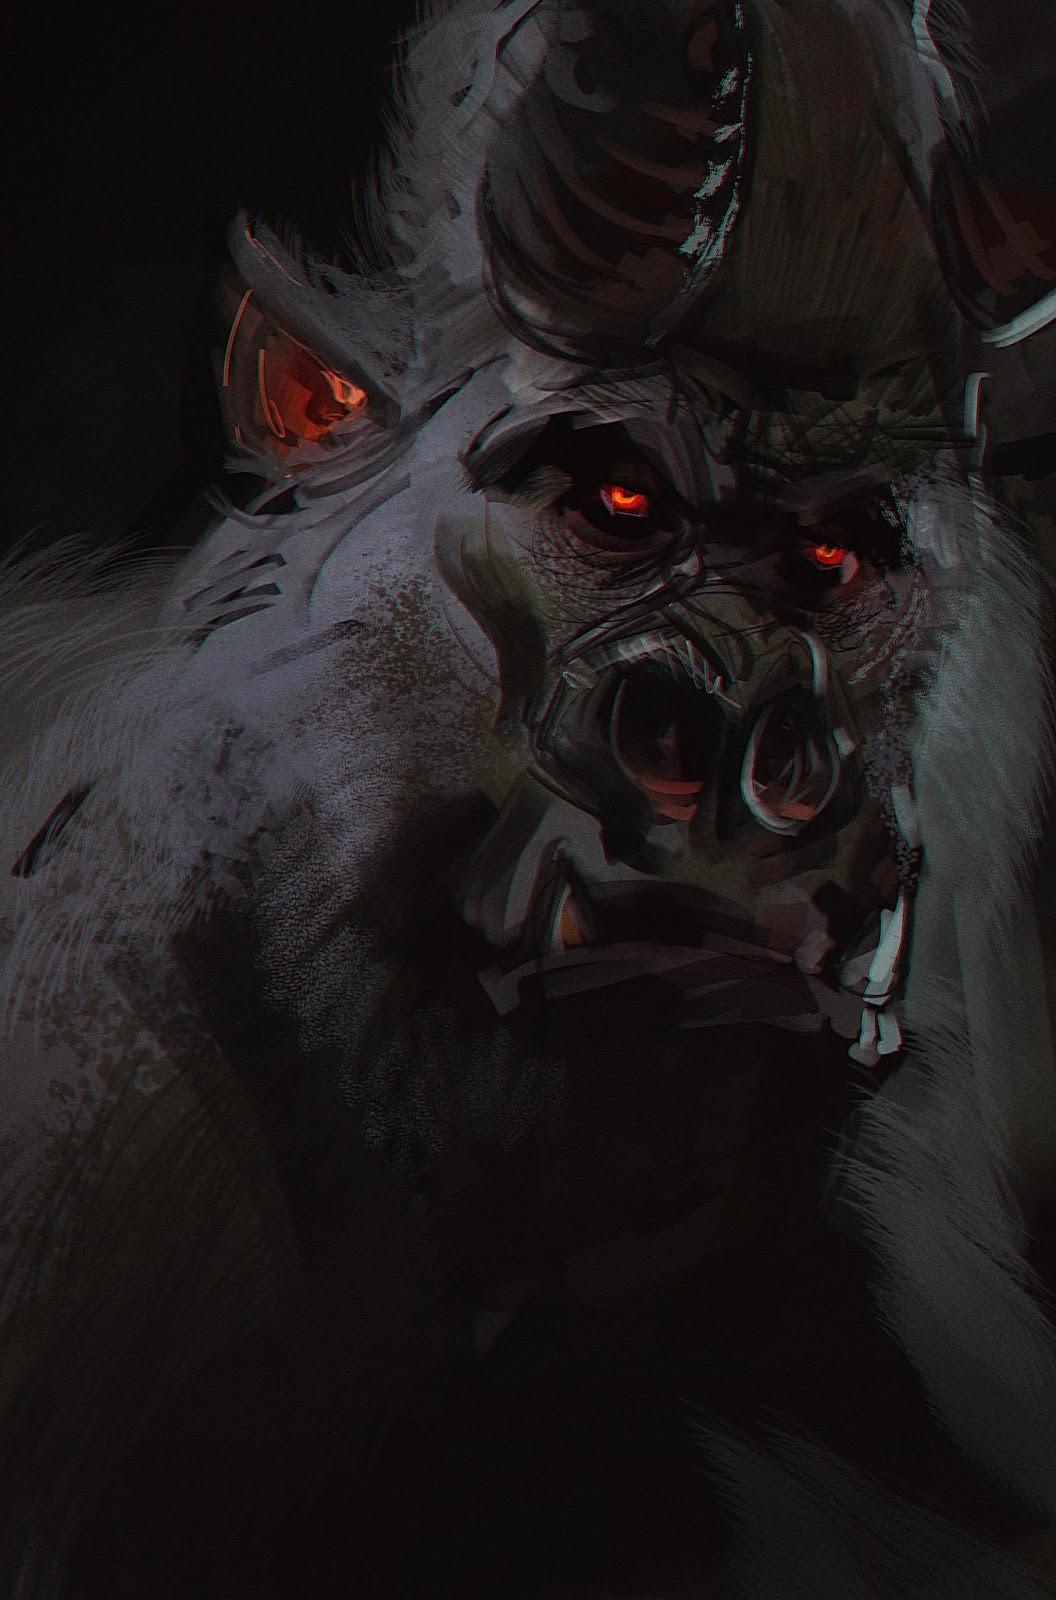 Pierre santamaria demon gorilla 2 copie